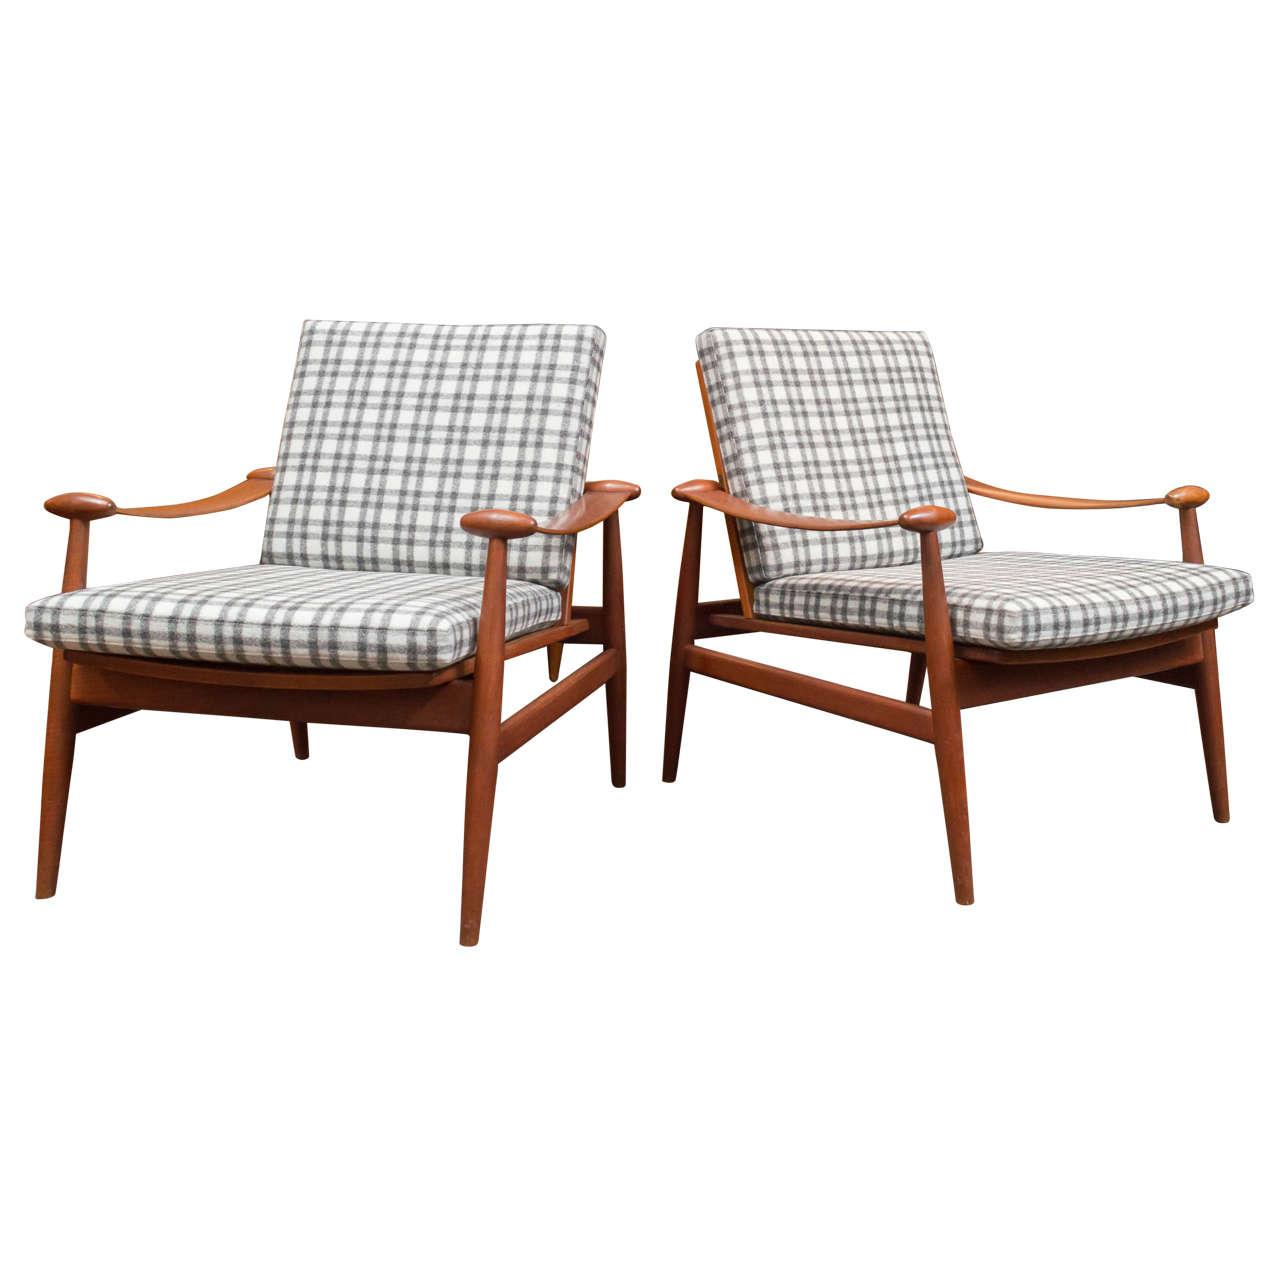 Finn Juhl Model 133 Spade chairs, 1950s